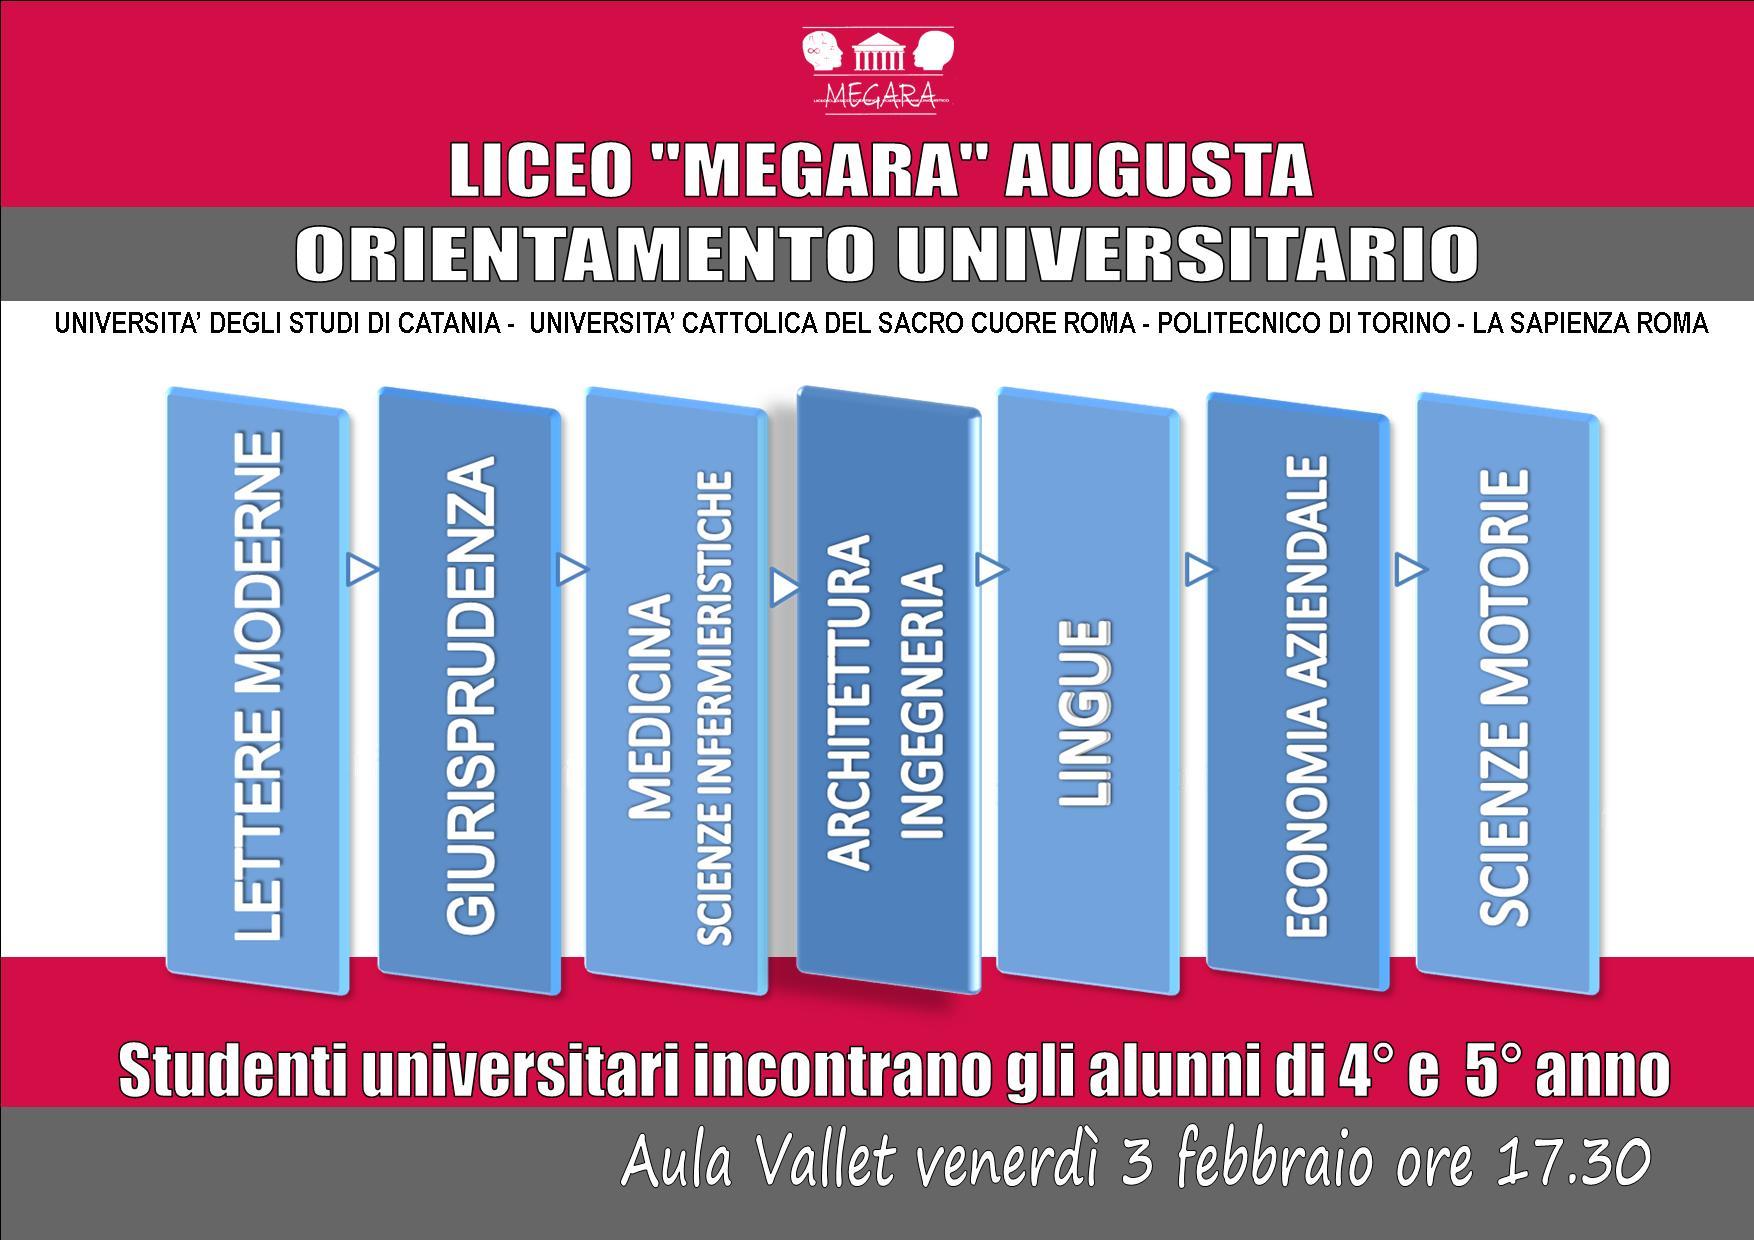 """ORIENTAMENTO UNIVERSITARIO AL LICEO """"MEGARA"""""""